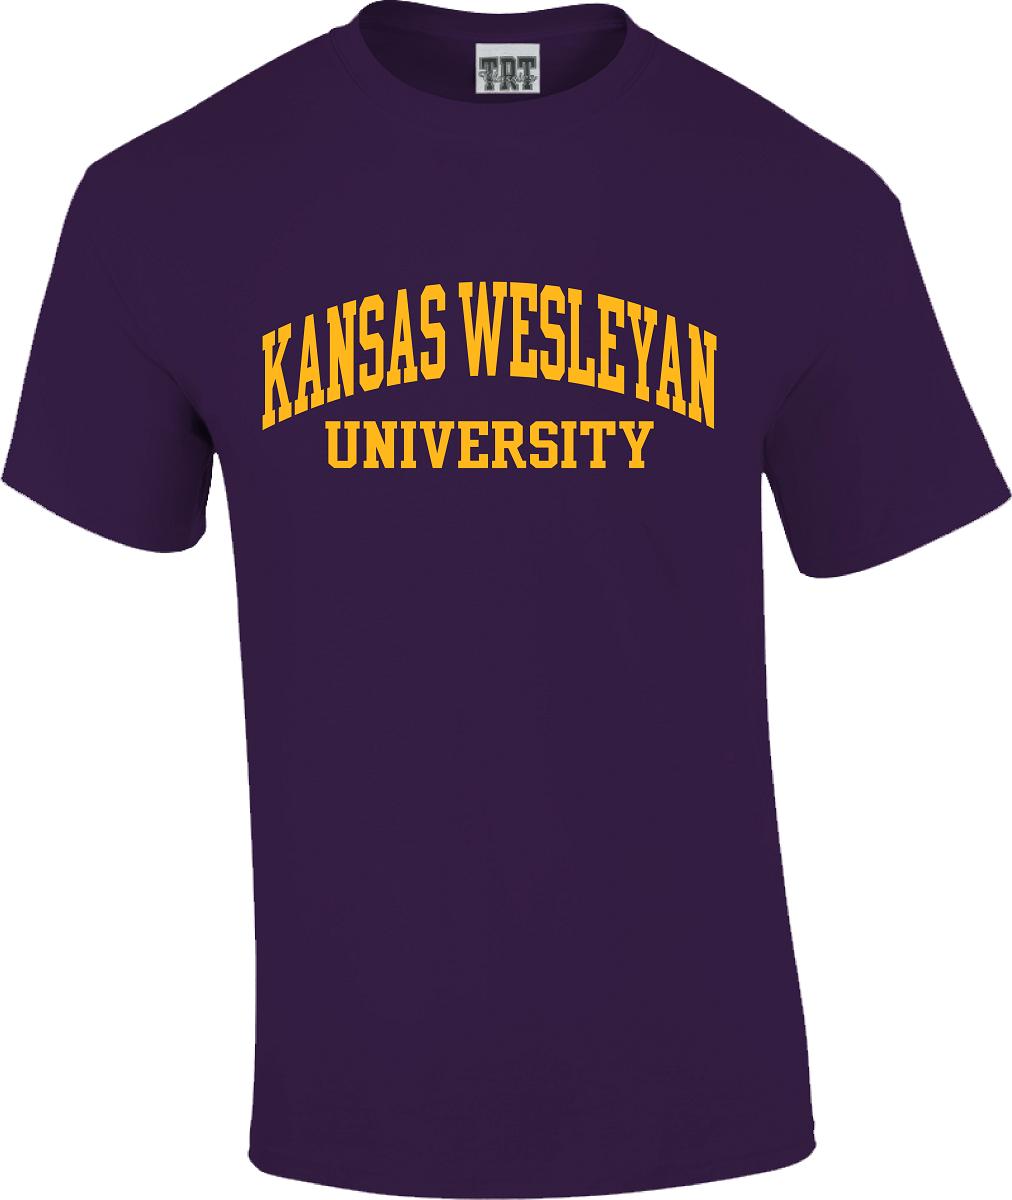 Kansas Wesleyan University T-Shirt Bundle